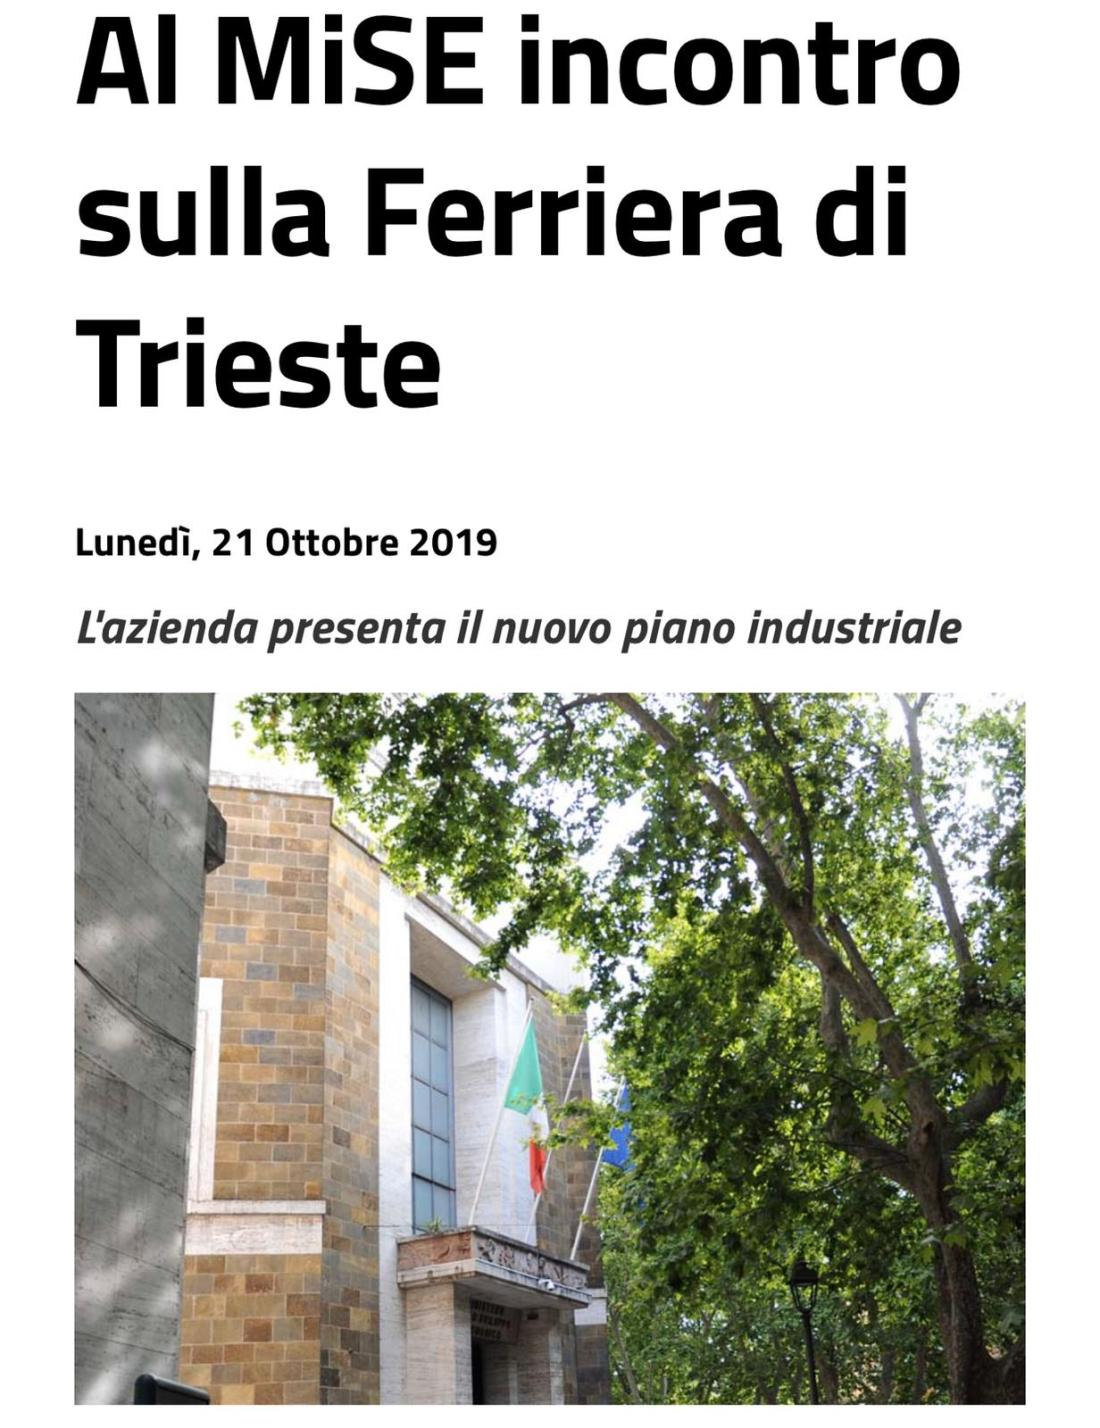 ?FERRIERA DI SERVOLA (TRIESTE), I RISULTATI DELL'INCONTRO AL MISE - m5stelle.com - notizie m5s